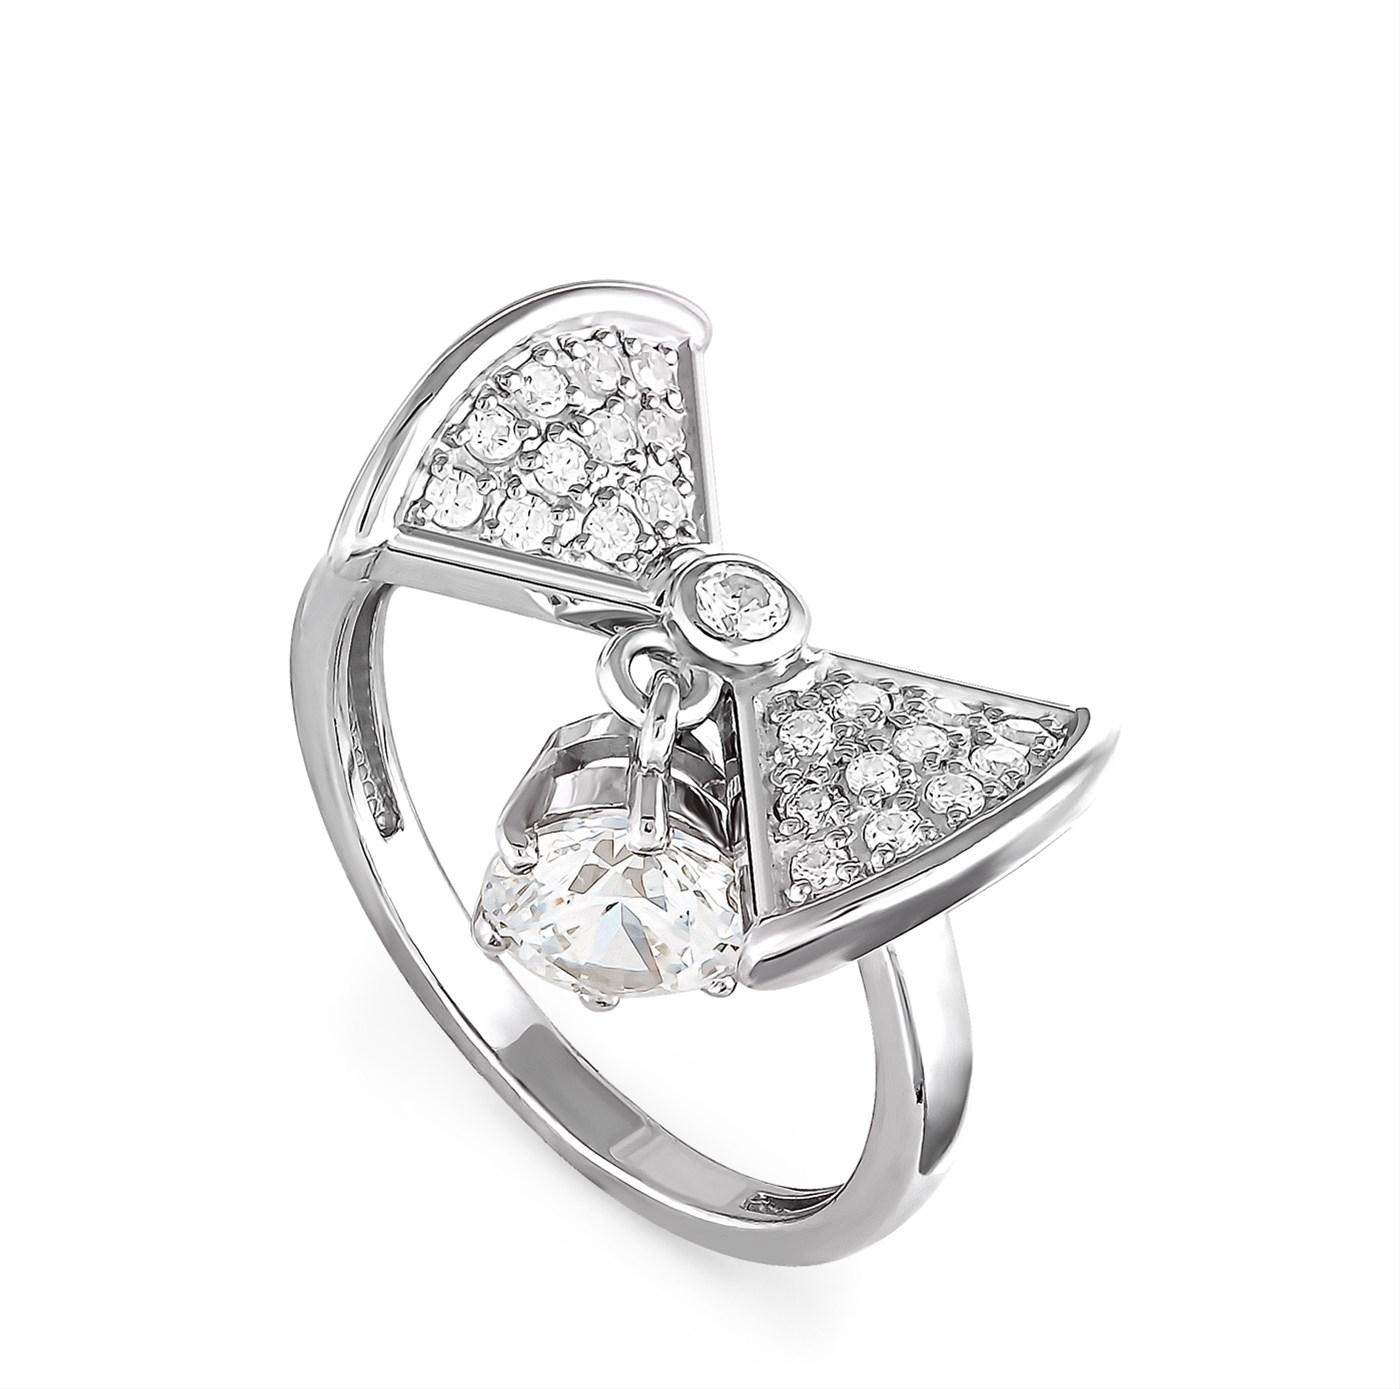 Серебряное кольцо Фианит арт. 11-055-7900 11-055-7900